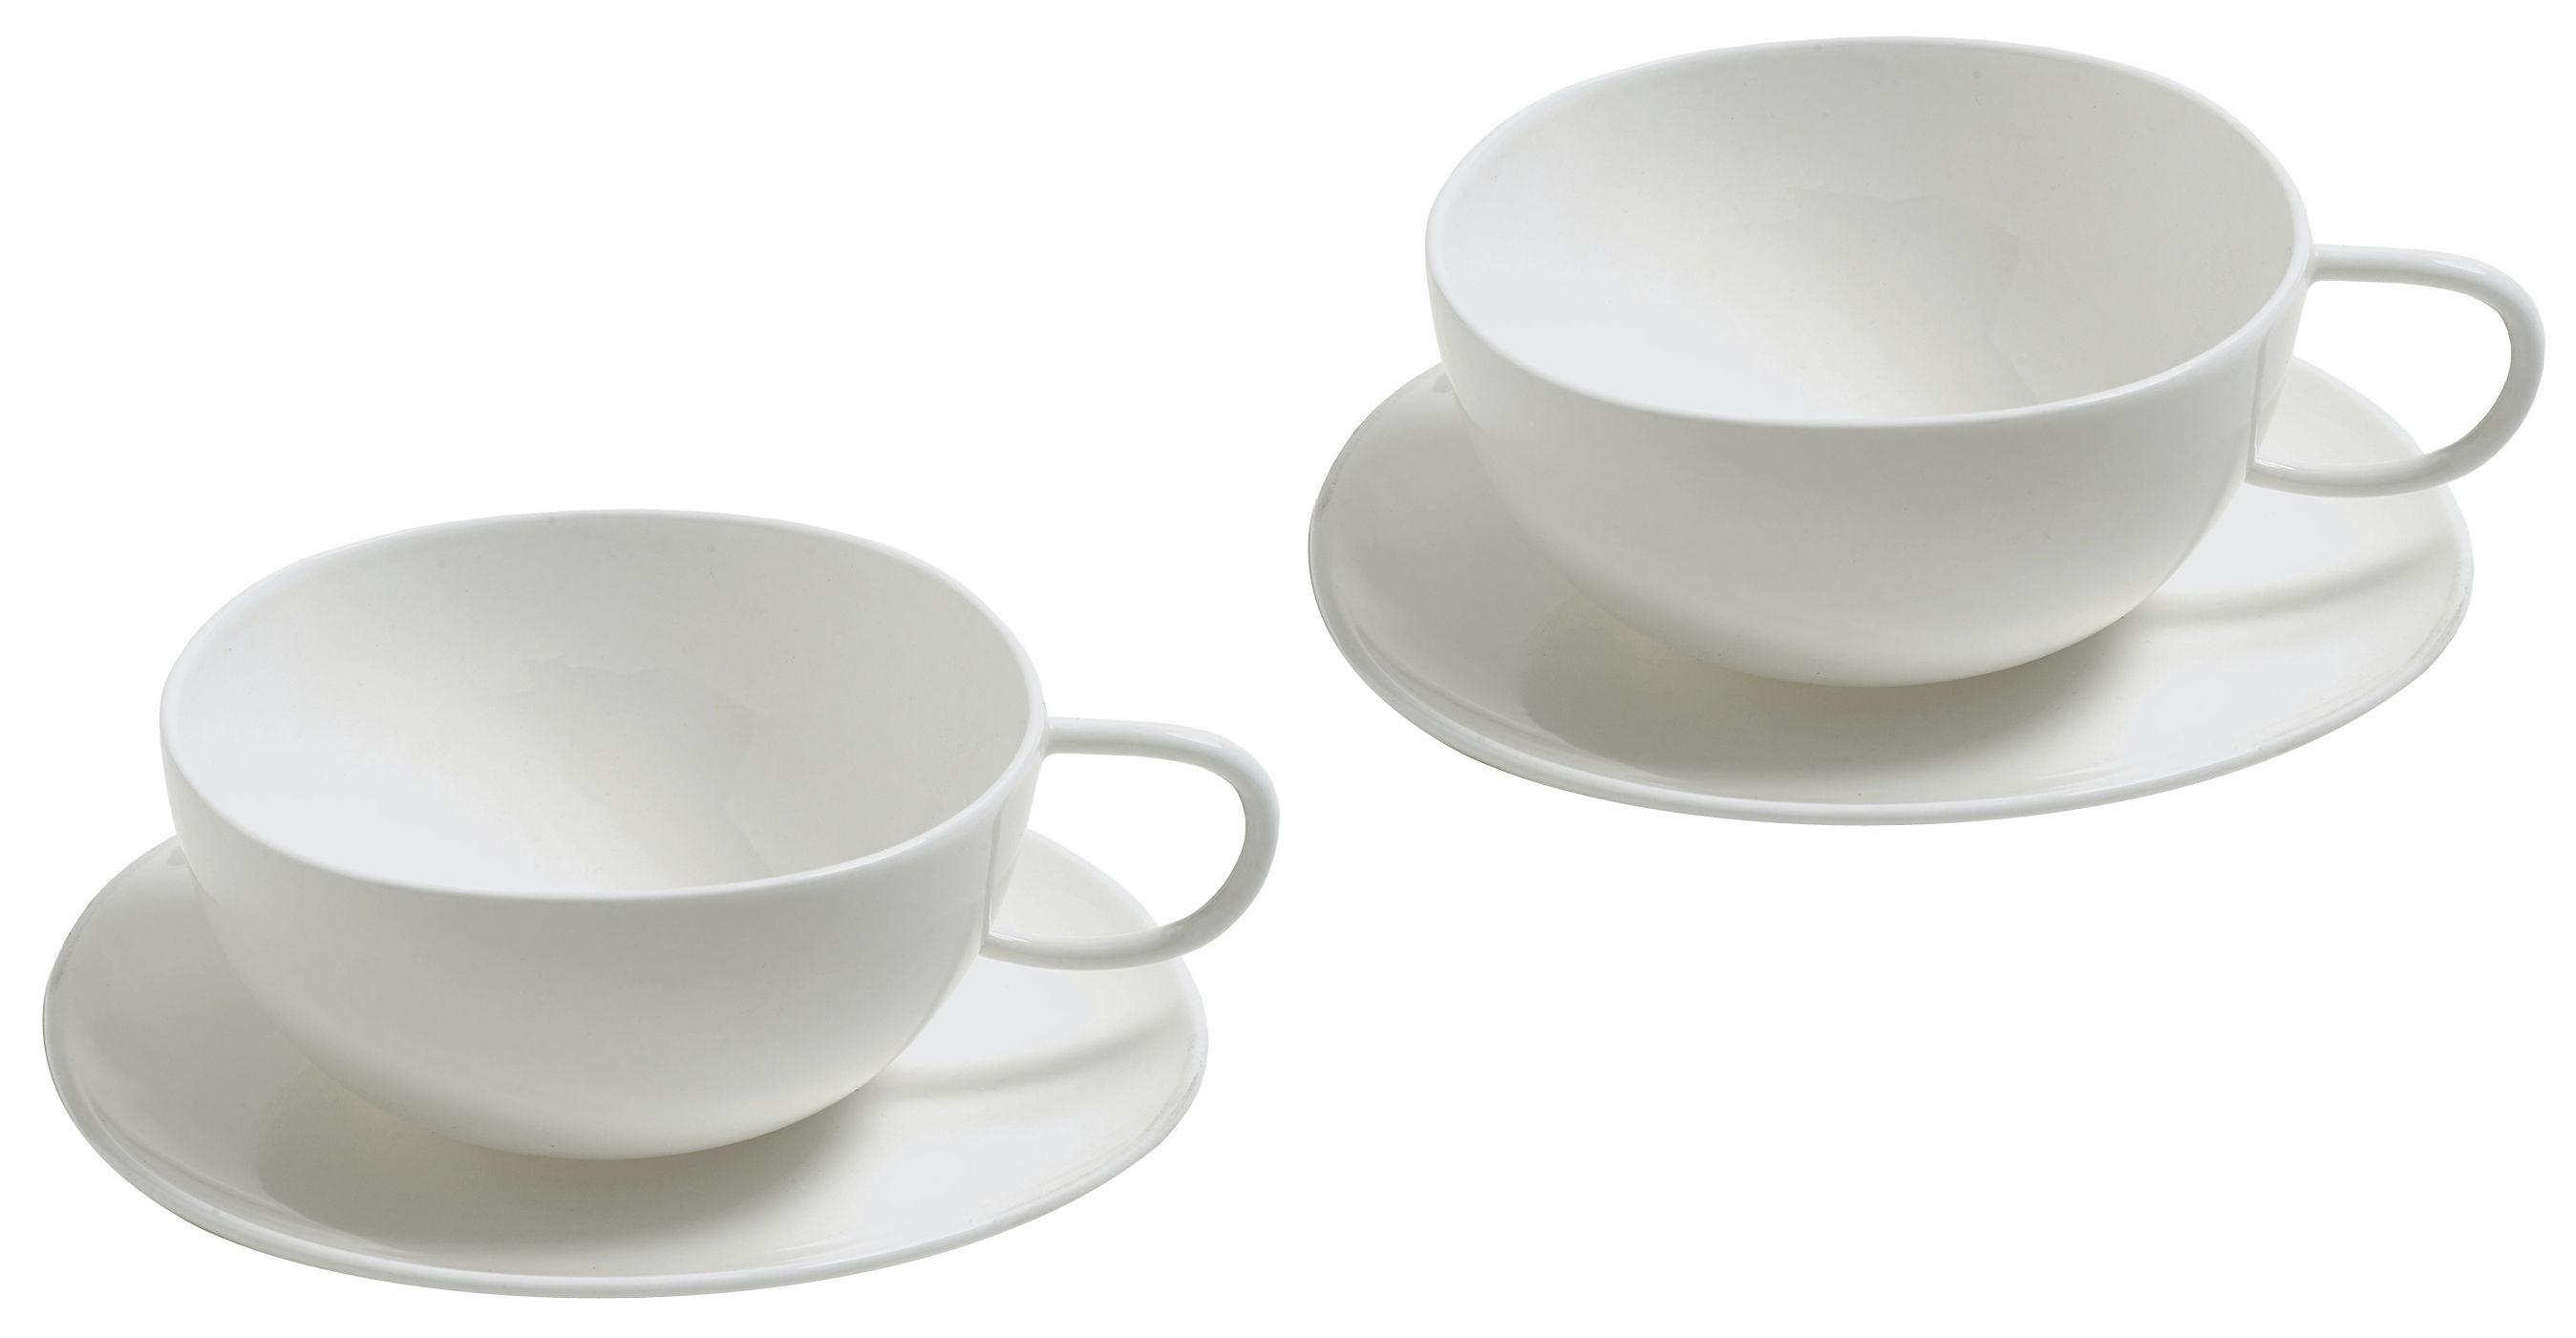 Tavola - Tazze e Boccali - Tazza da tè Fruit basket - Set 2 tazze + 2 piattini di Alessi - Bianco - Porcellana Bone China